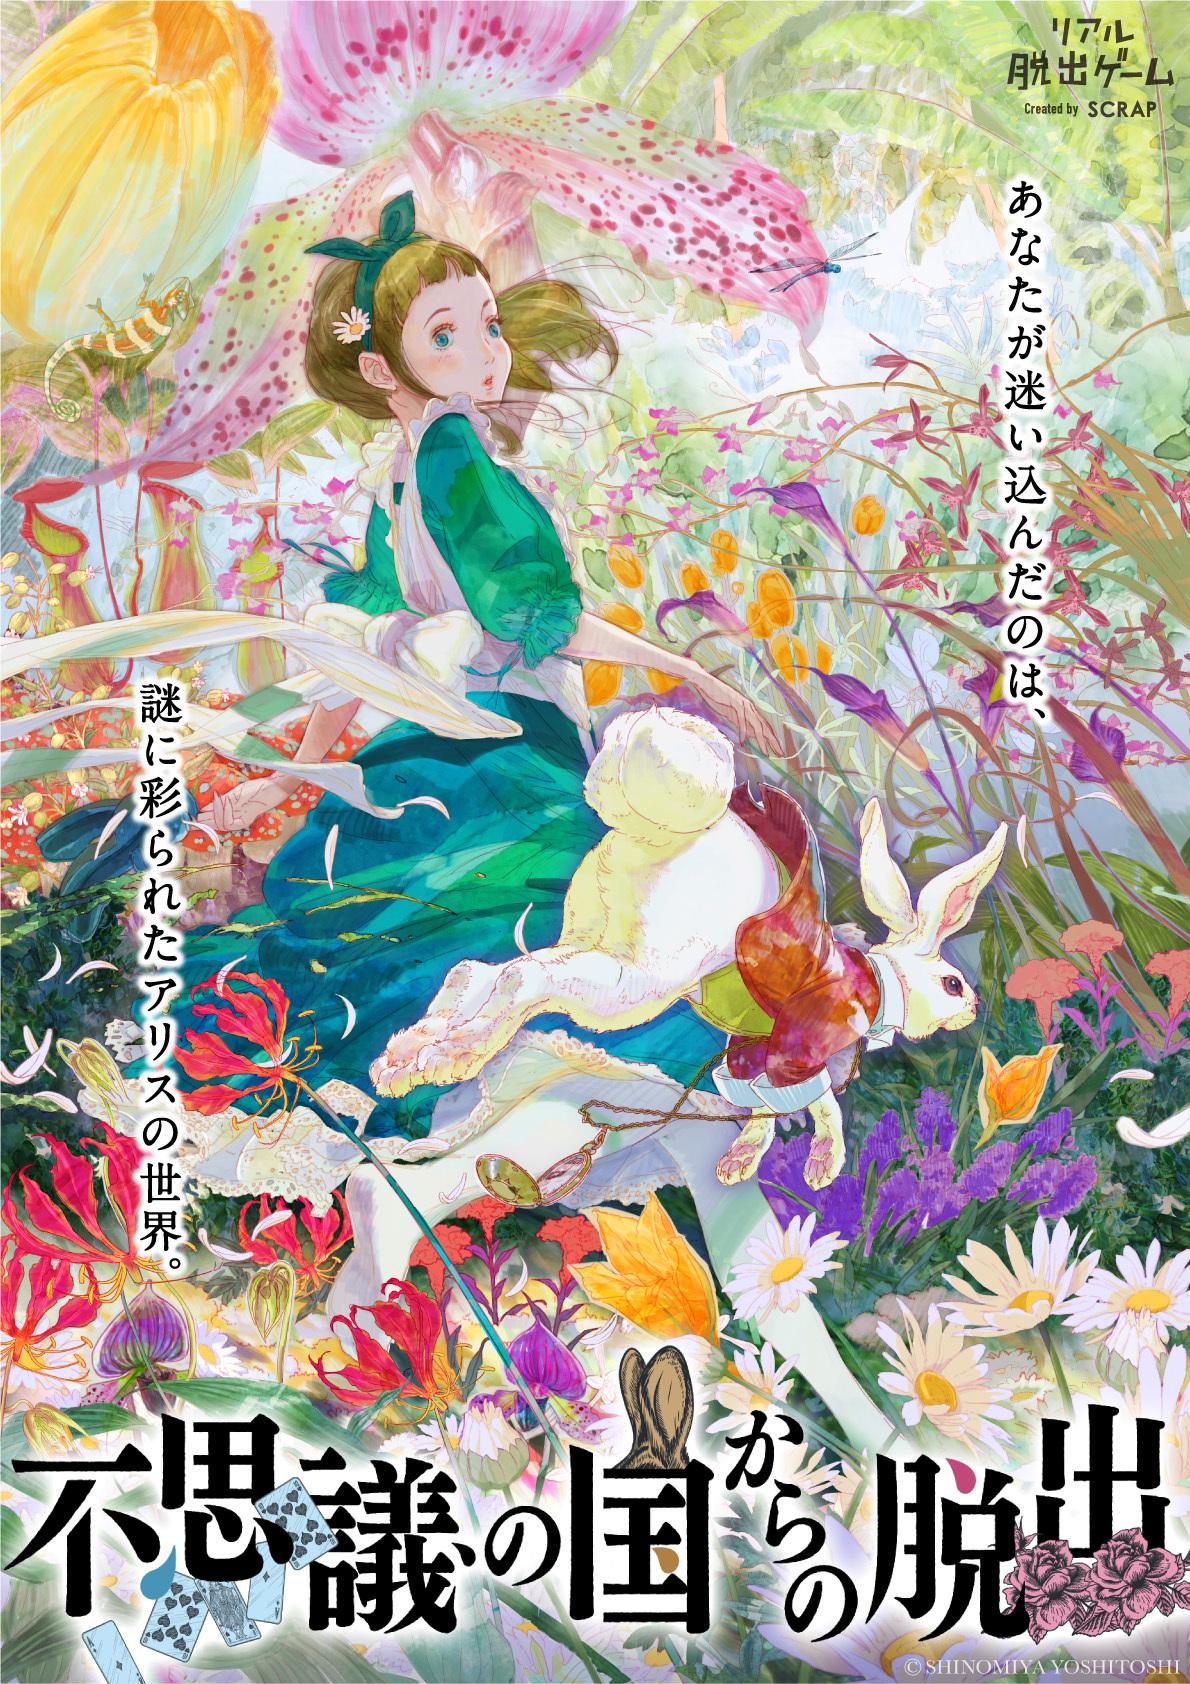 リアル脱出ゲーム×不思議の国のアリス展『不思議の国からの脱出』神戸 ...